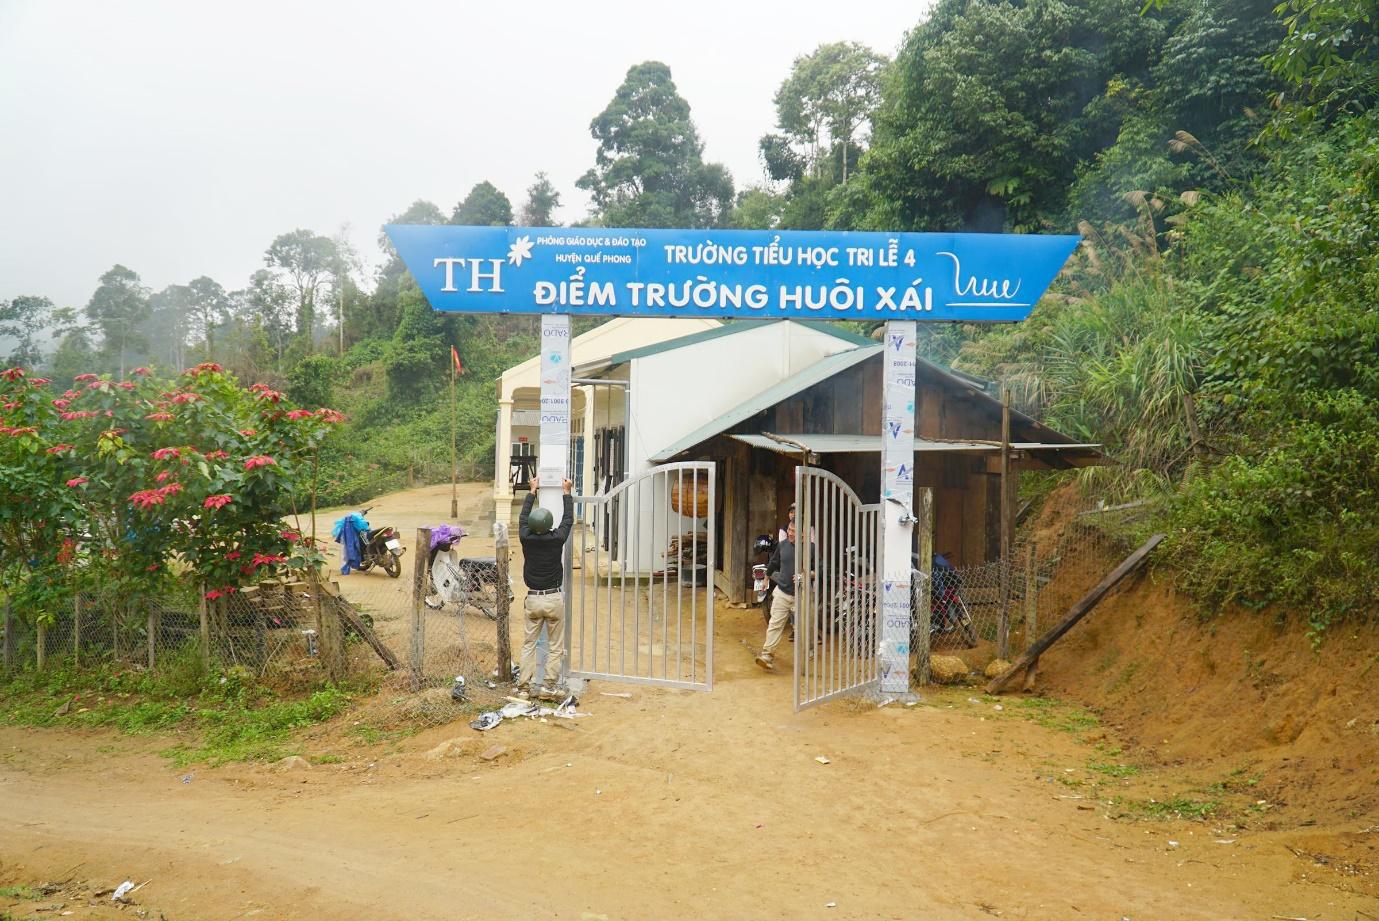 Thêm một điểm trường vùng biên giới Nghệ An được khánh thành - Ảnh 3.